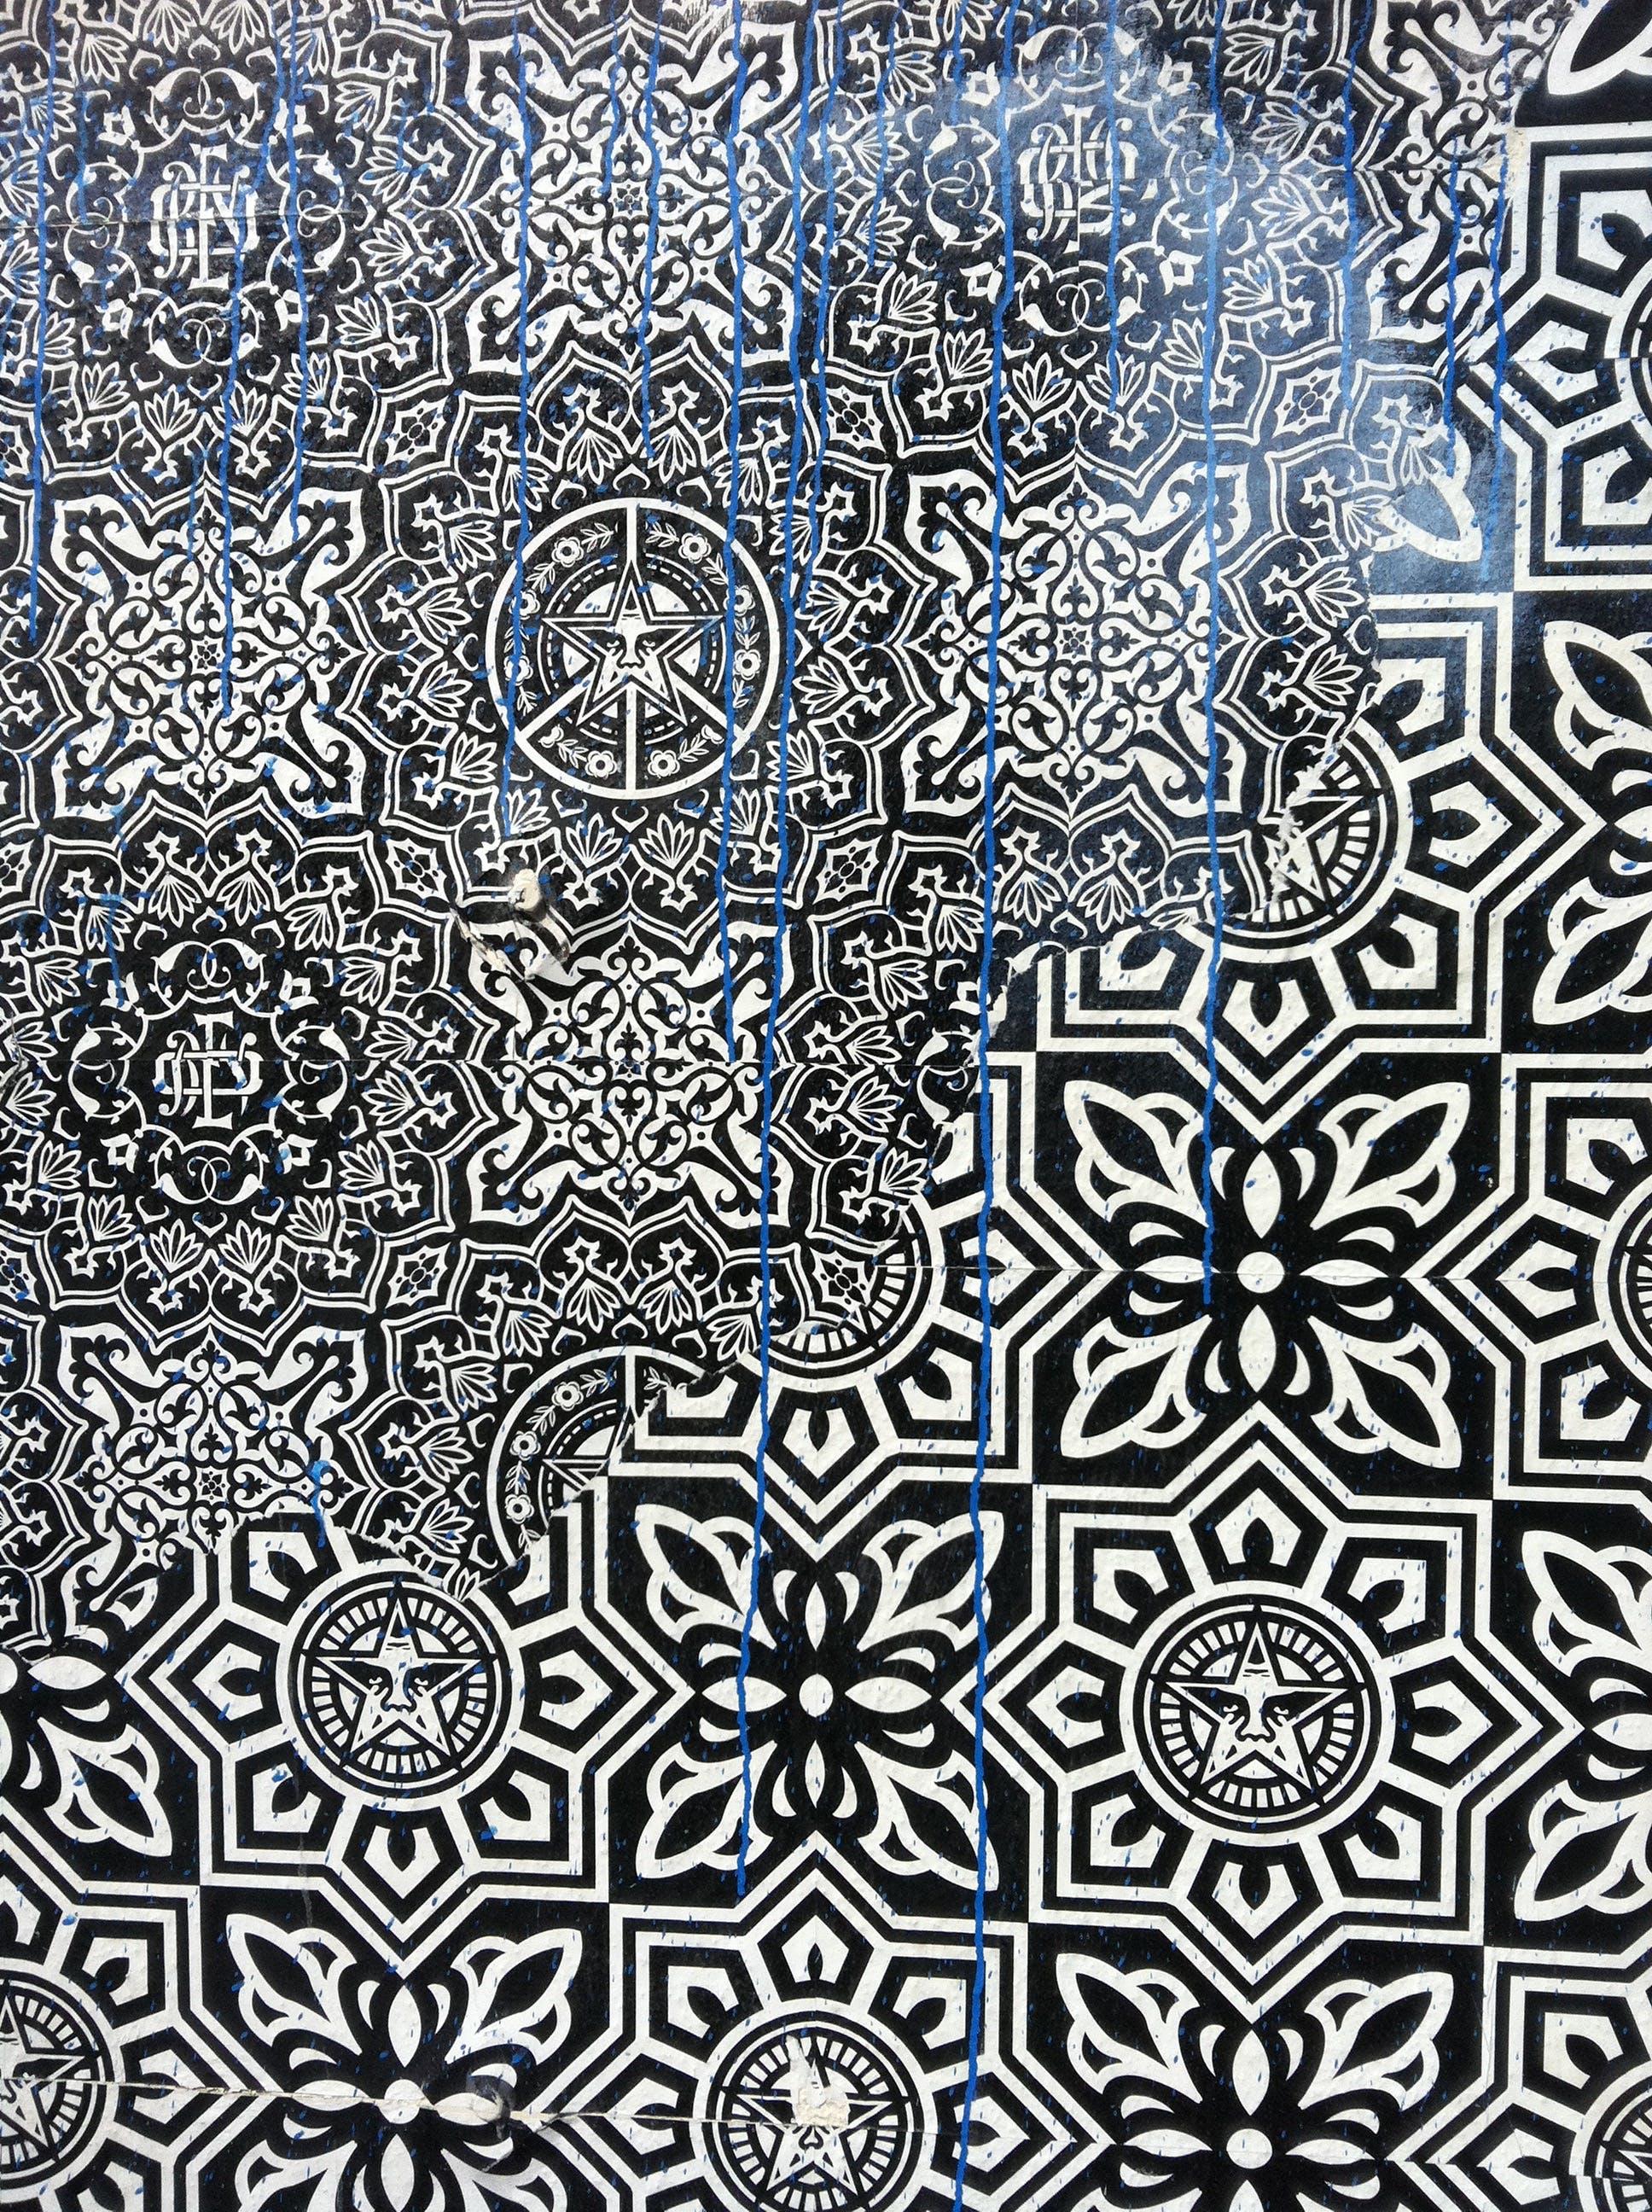 Free stock photo of graffiti, pattern, obey propaganda